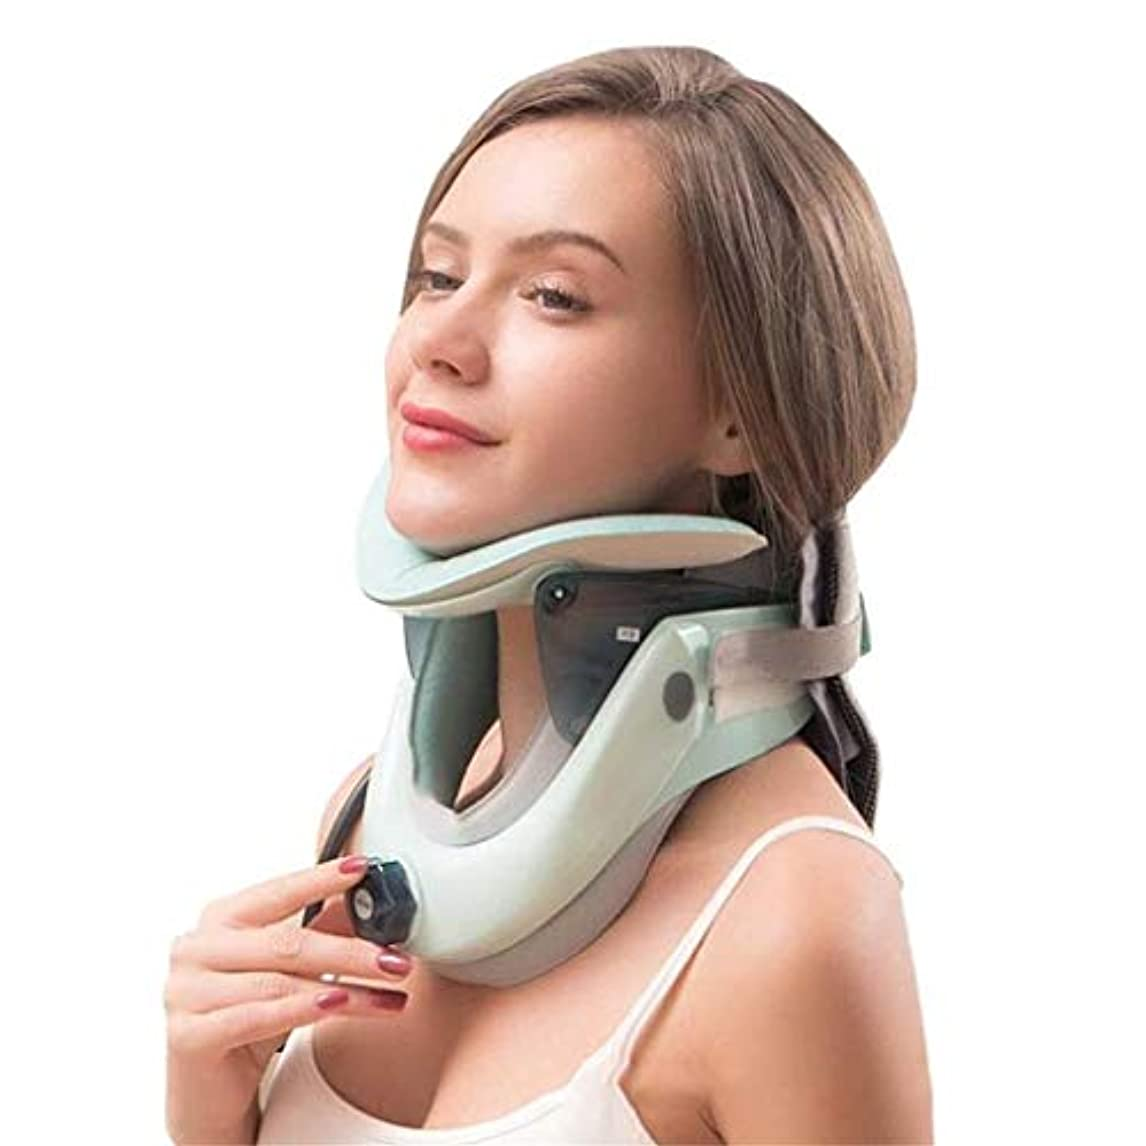 予防接種する最終夜間頸部牽引ツール、医療用頸部牽引装置、家庭用インフレータブルネックサポート頸部サポート、ストレッチヘッド補正サポート、首と肩のマッサージャーのサポート痛みの軽減